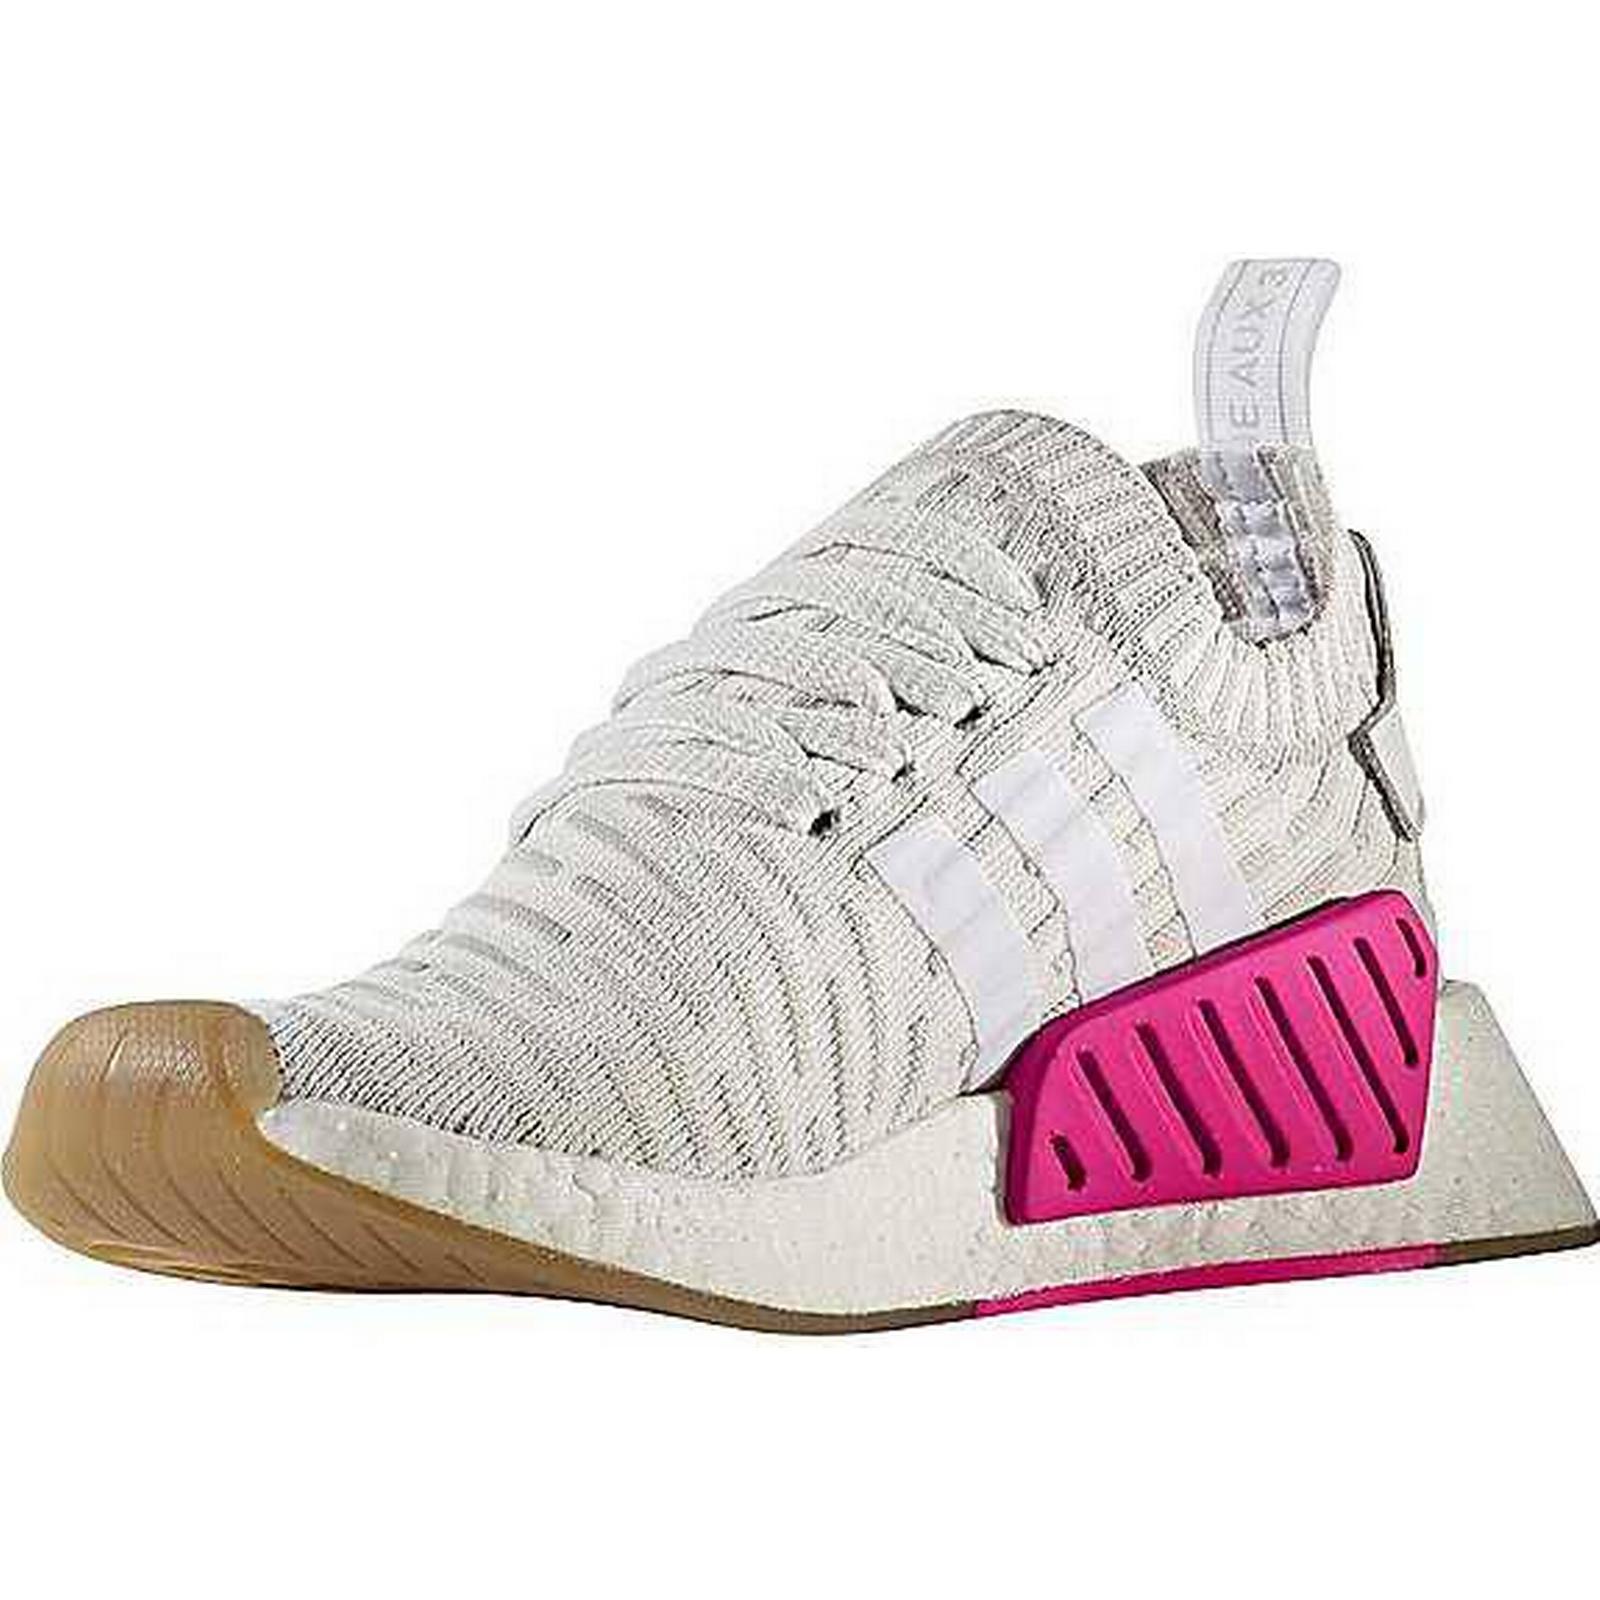 adidas originaux et # ; la nmd r ; primeknit & # ; r formateurs par adidas originals / homme / femme / utilisations 9928eb